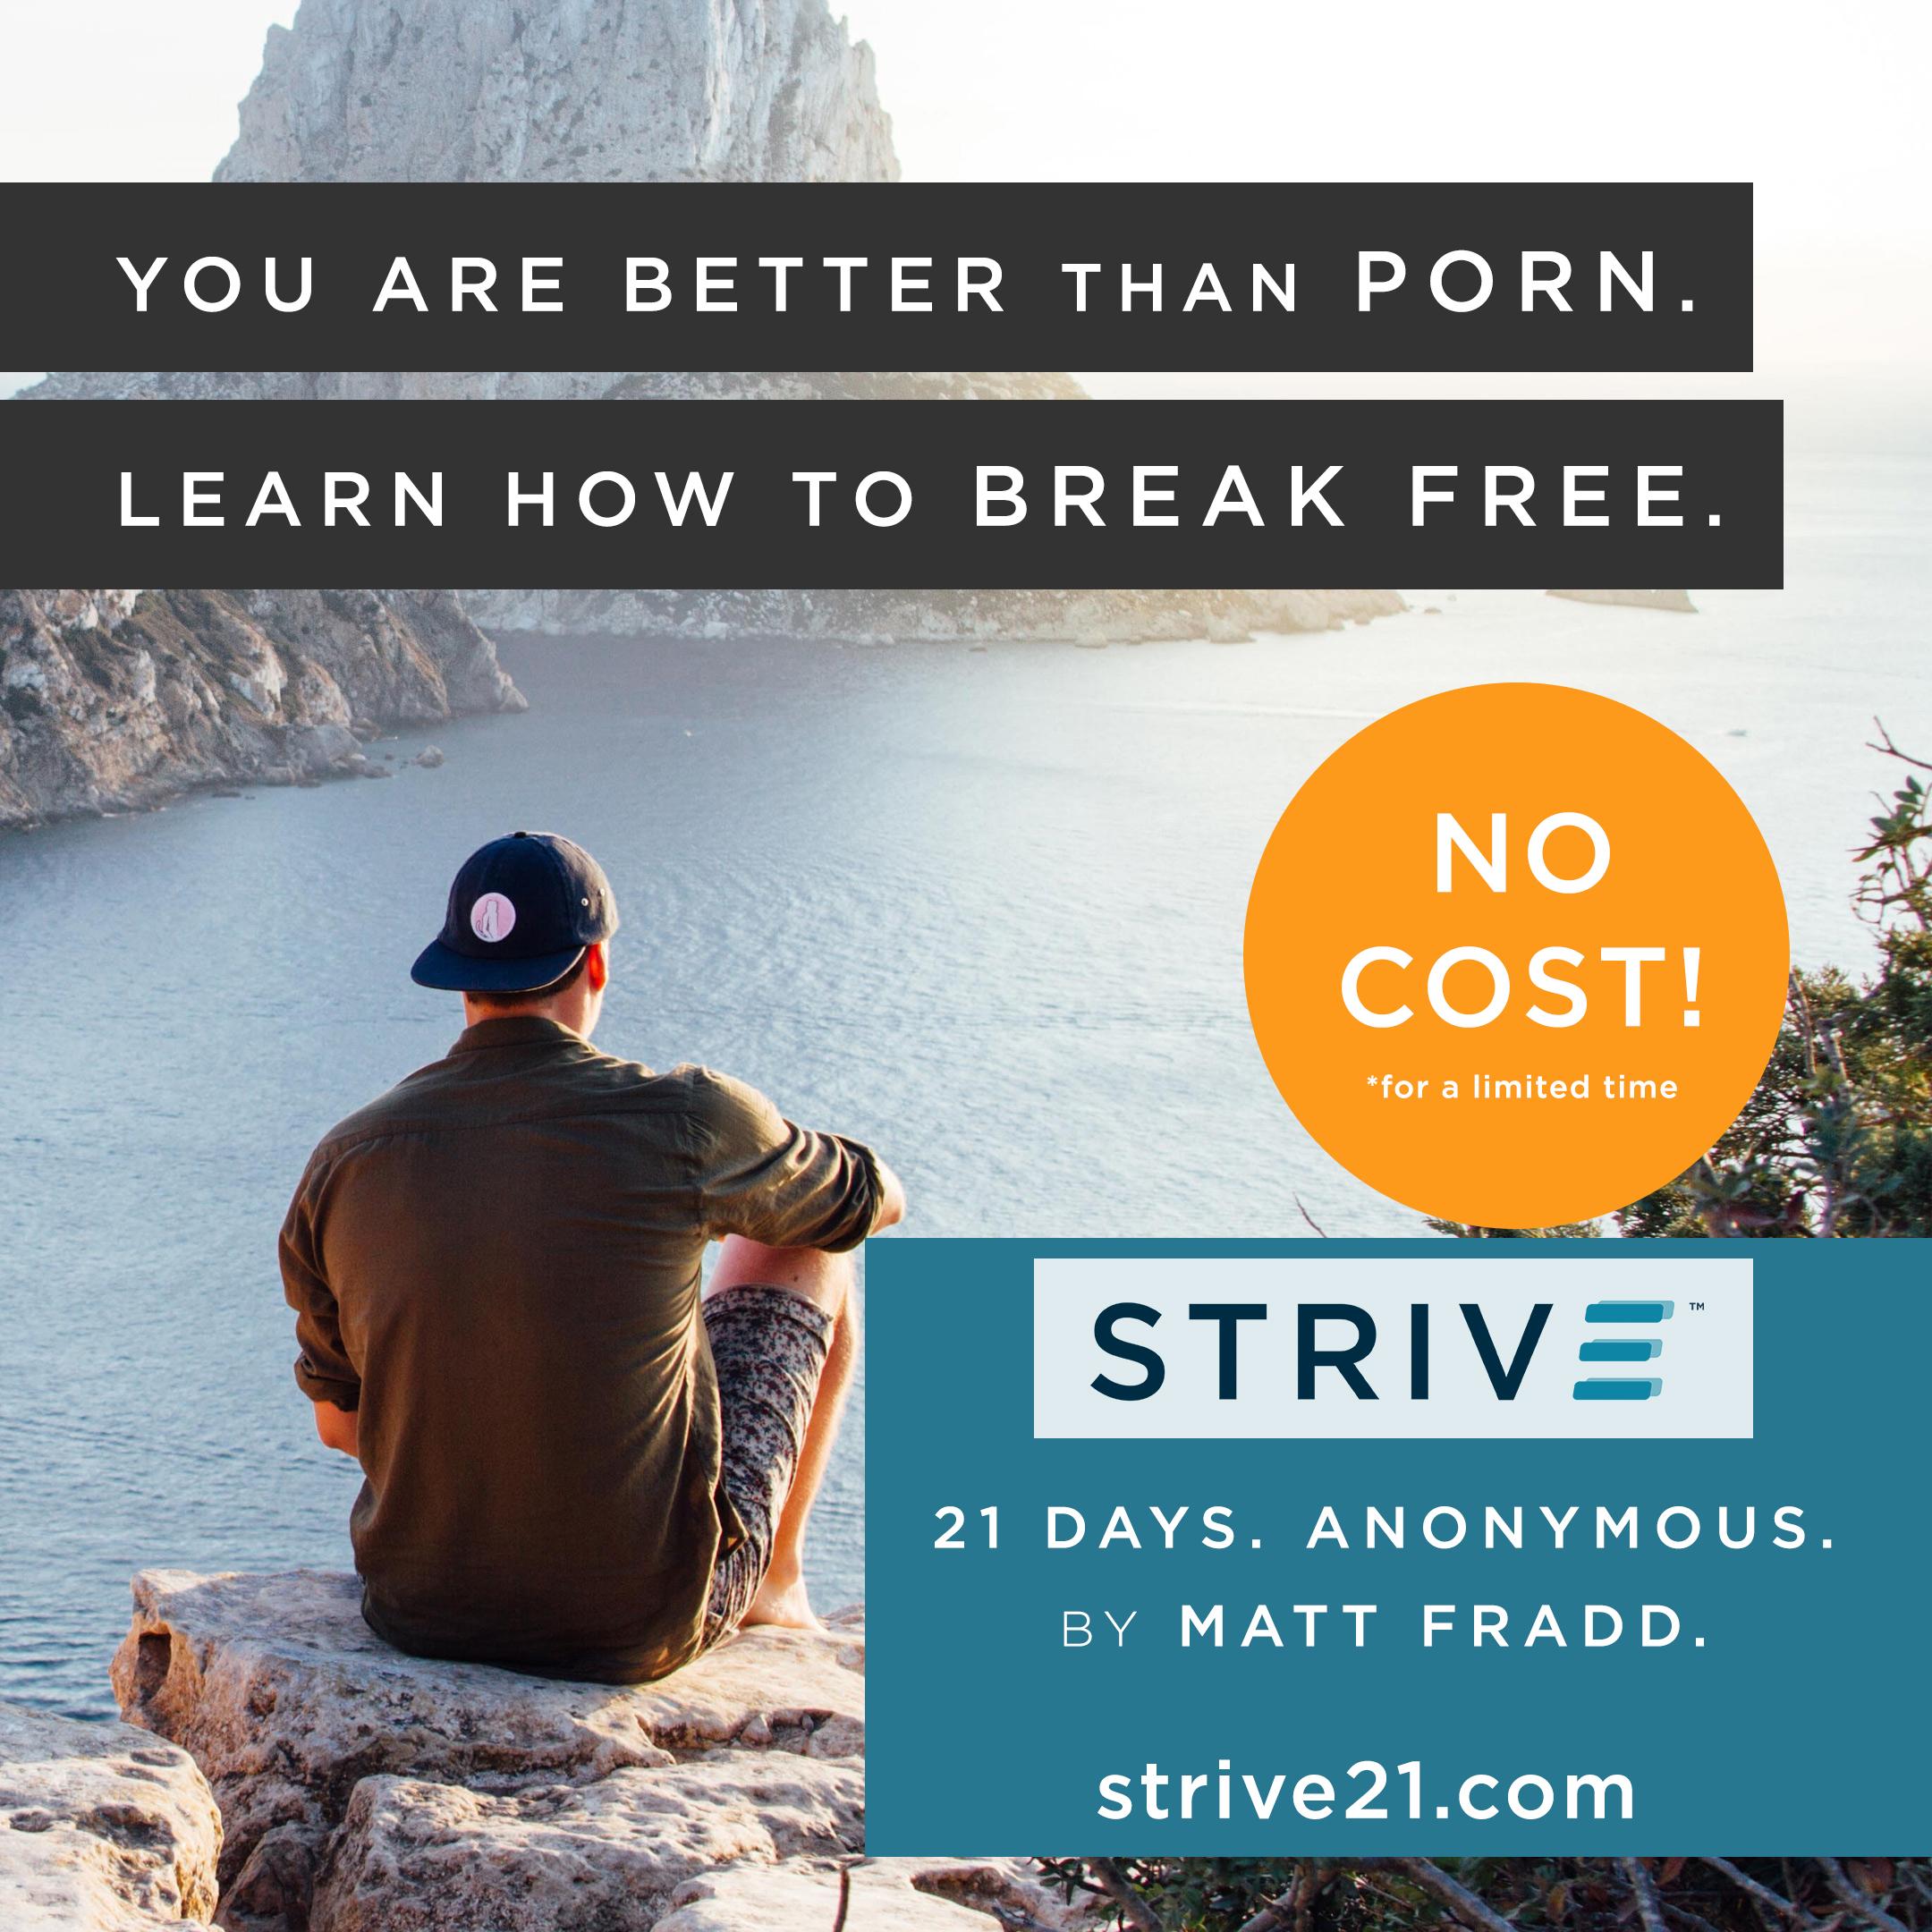 Strive Promotion